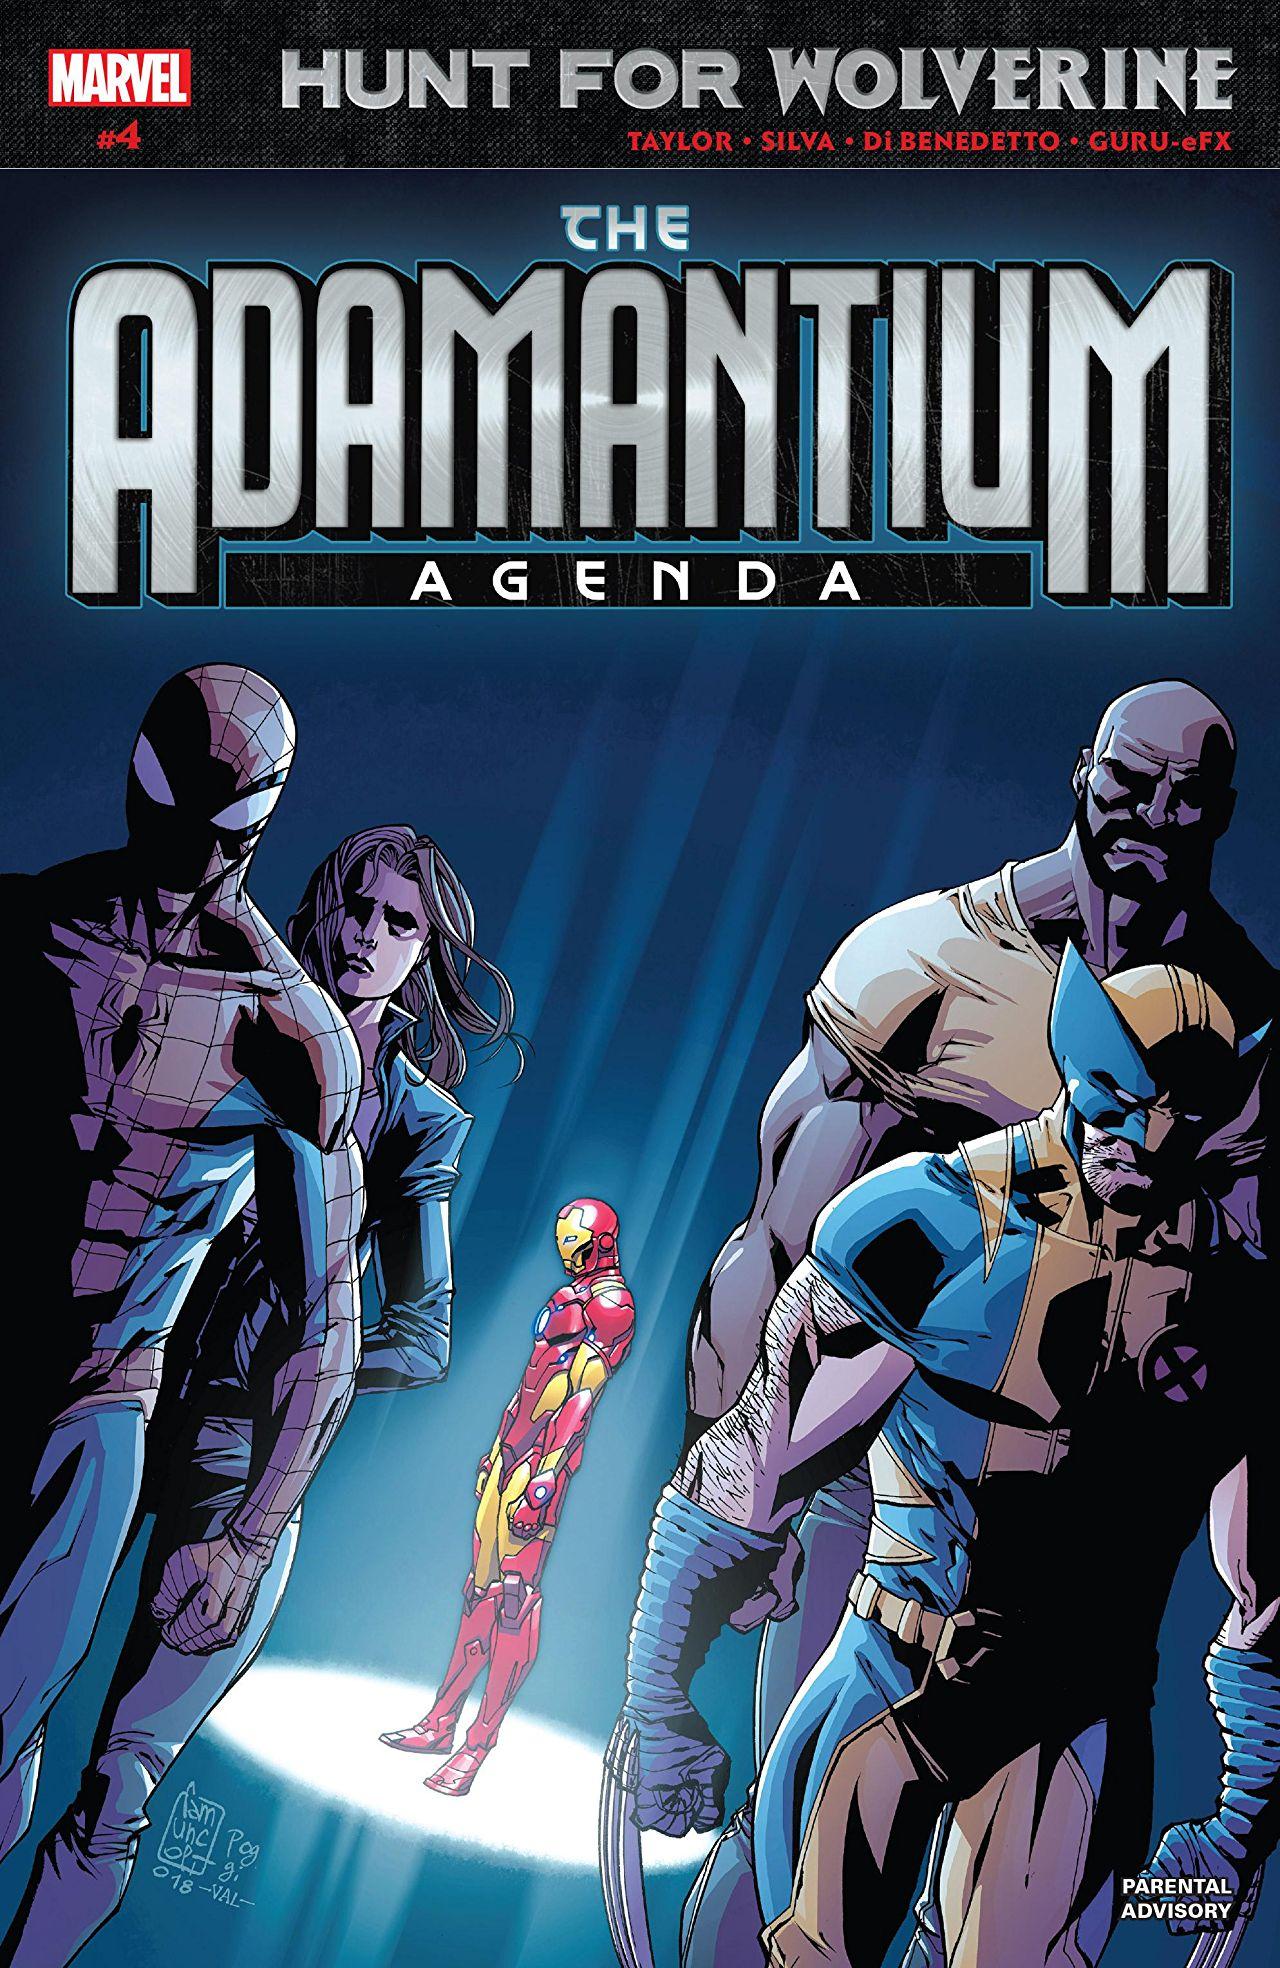 Hunt for Wolverine - Adamantium Agenda 4